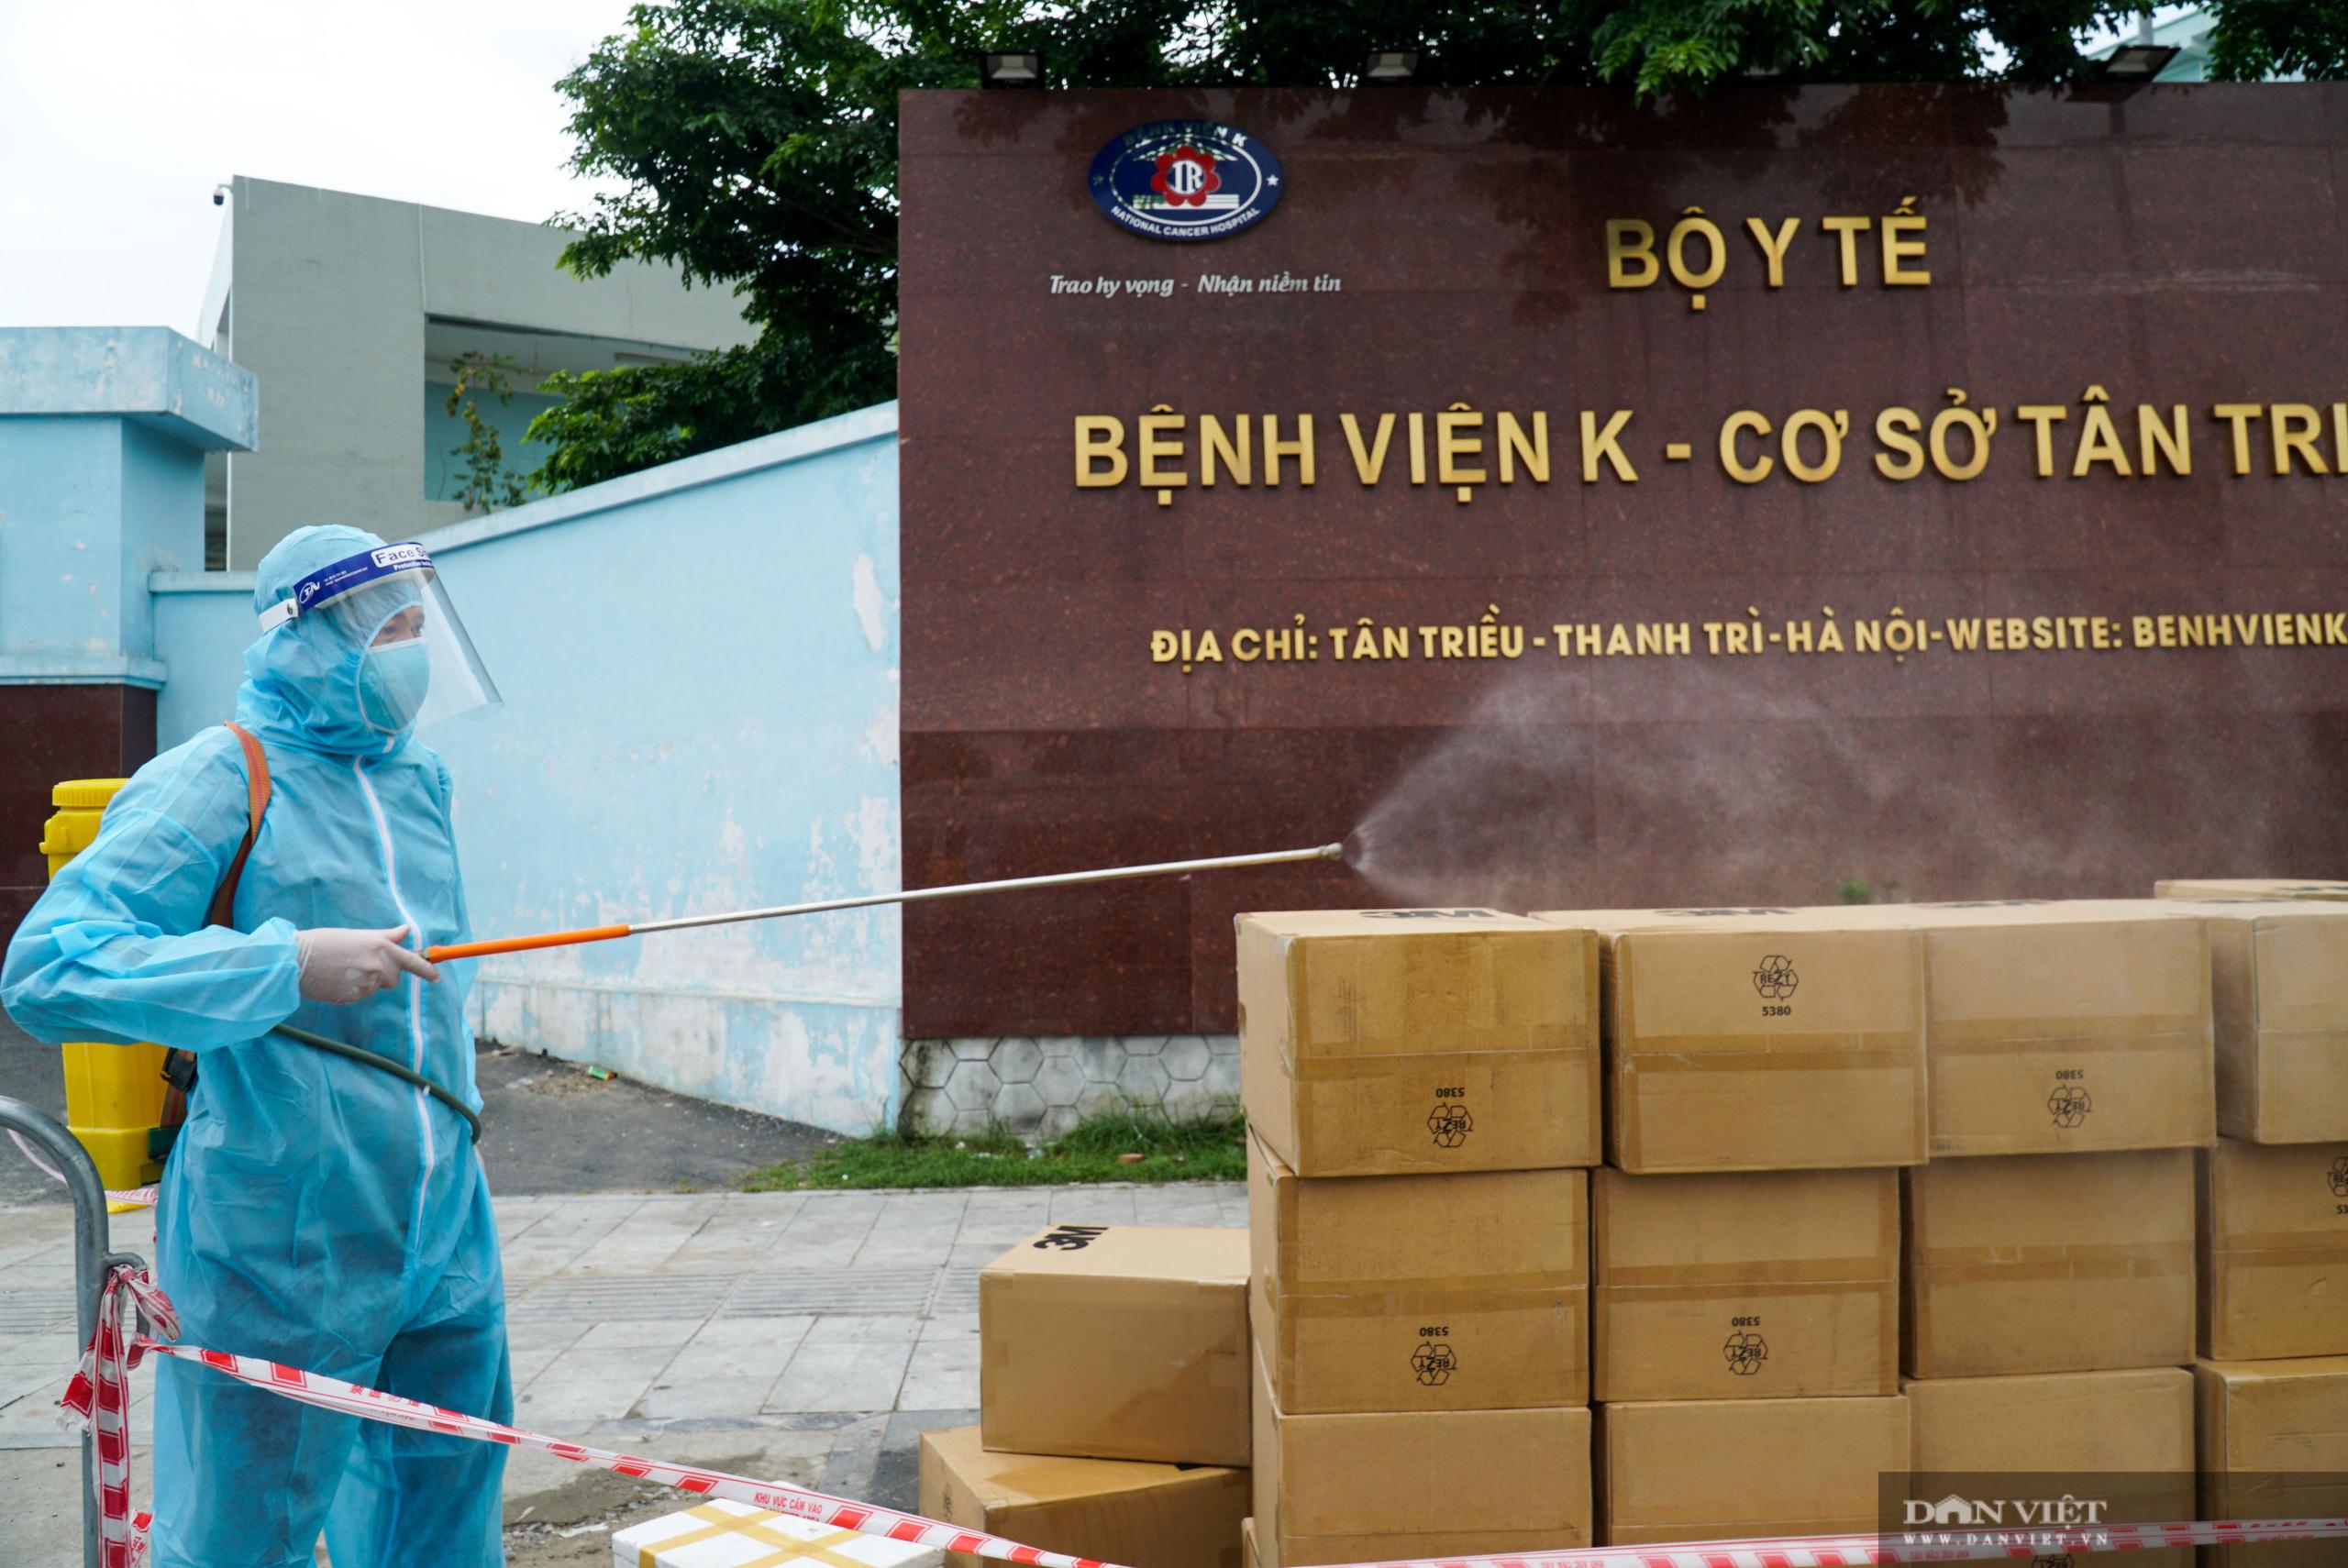 Bệnh viện K Tân Triều bị phong toả, người thân đội nắng tiếp tế đồ ăn - Ảnh 5.